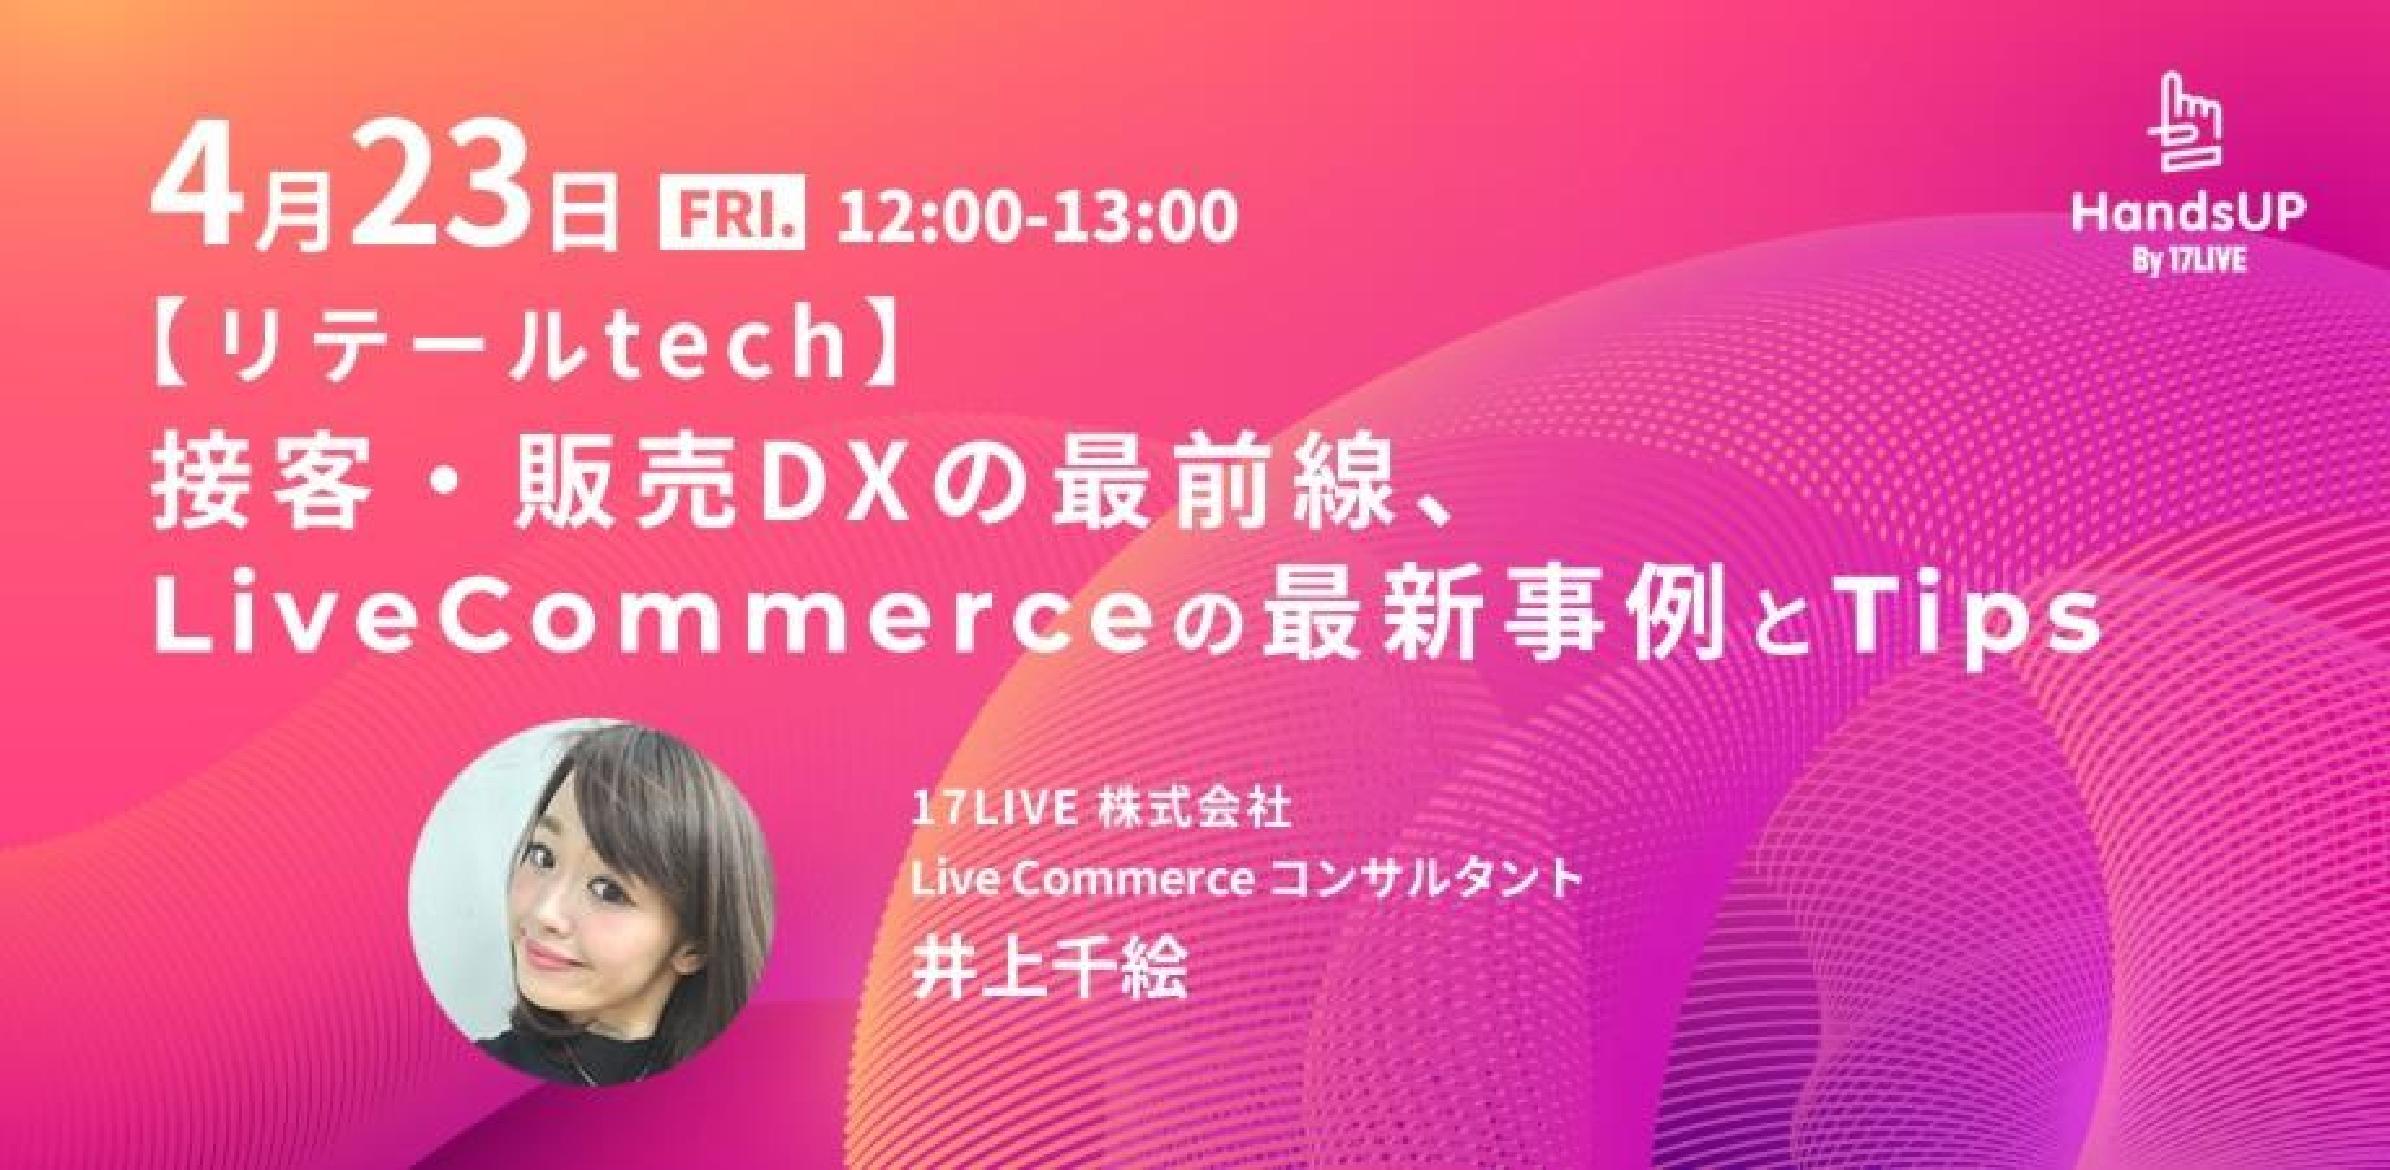 【リテールtech】接客・販売DXの最前線、LiveCommerceの最新事例とTips-test